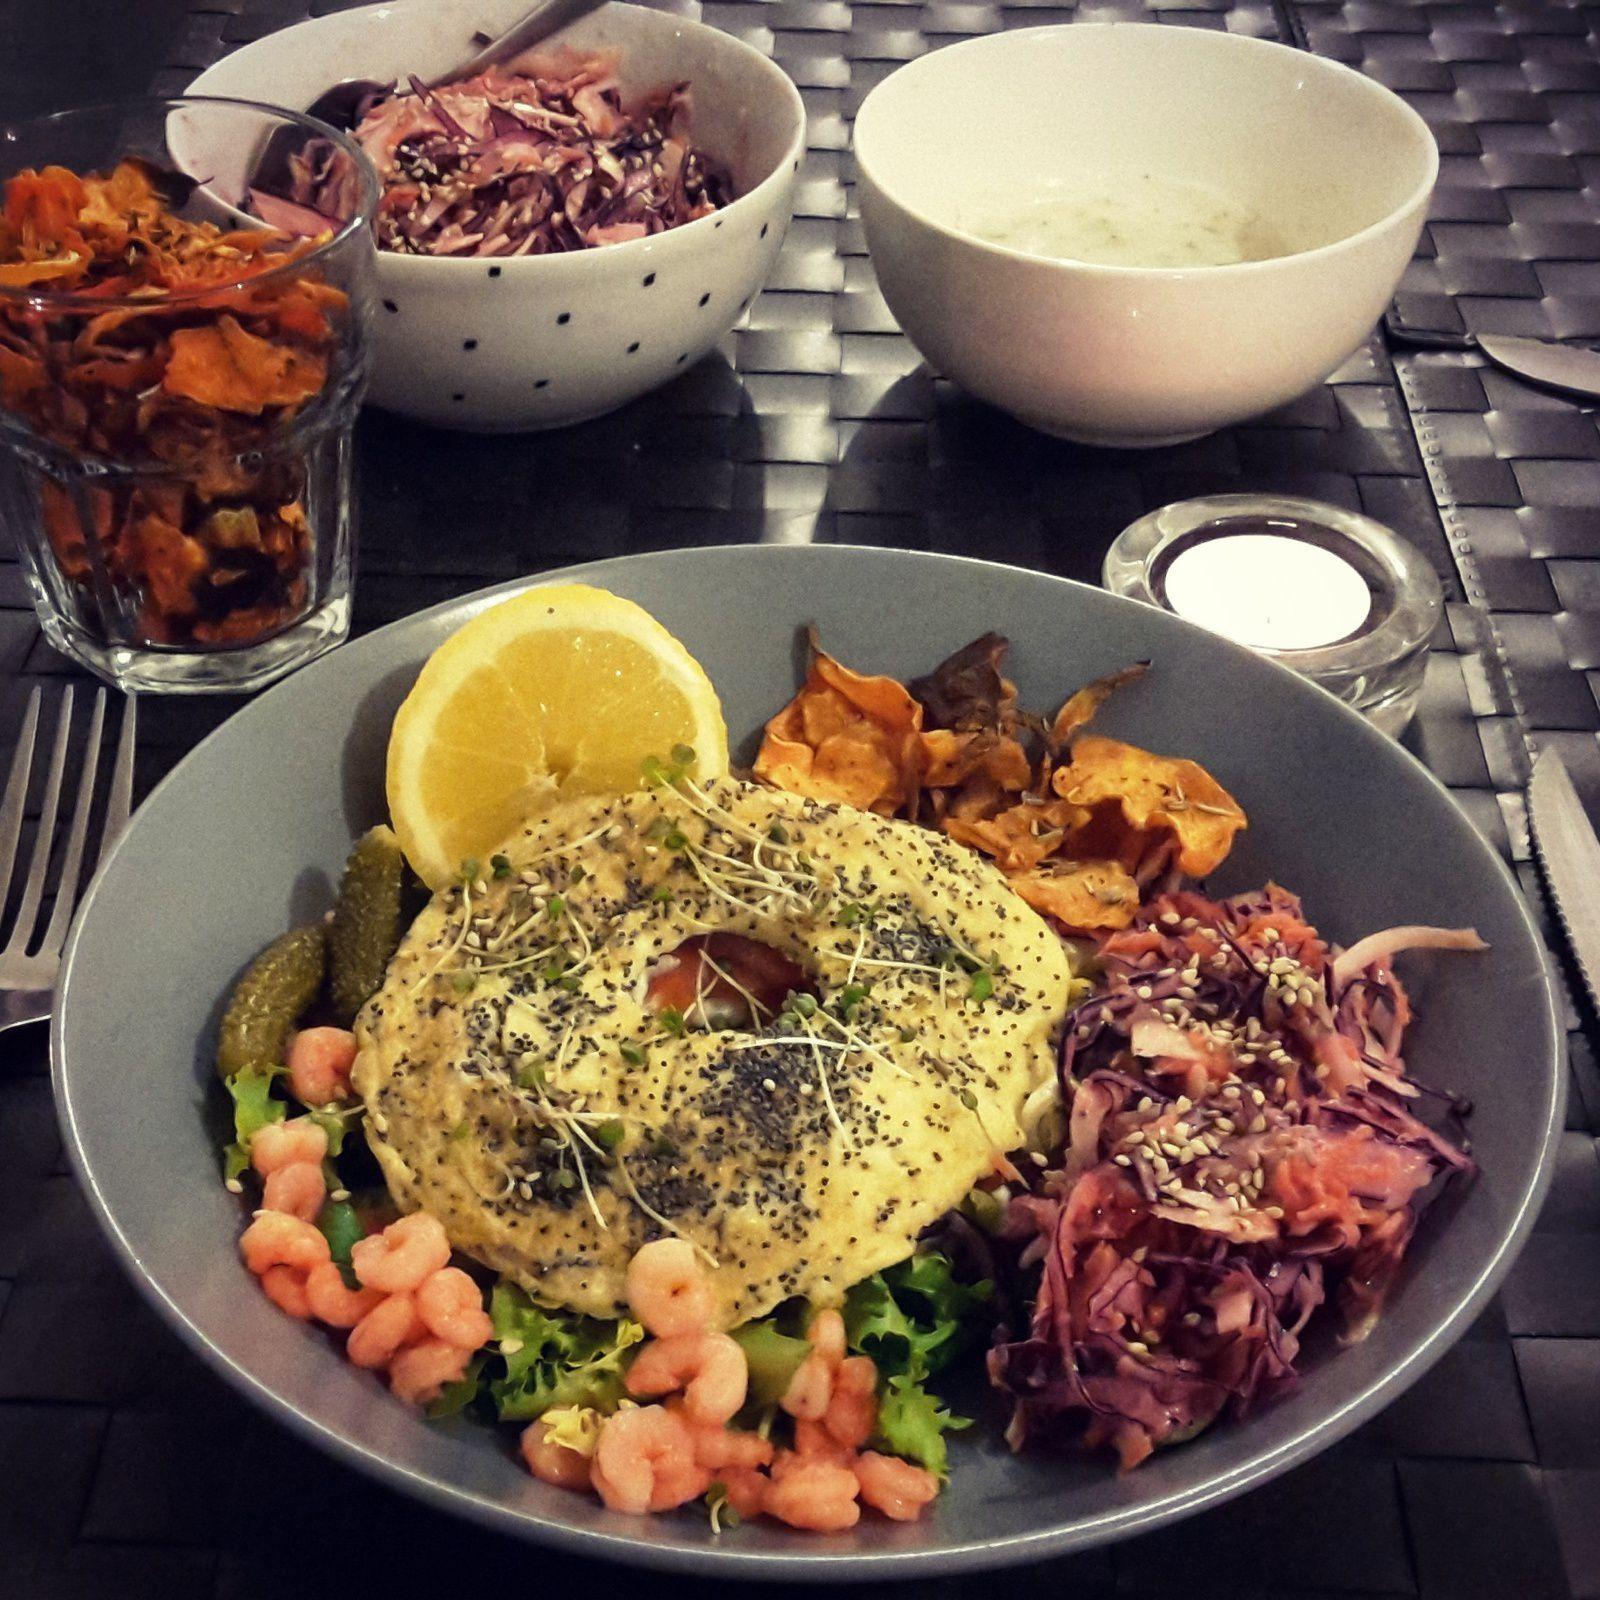 Bagel revisité en version healthy : omelette, chips de légumes et coleslaw